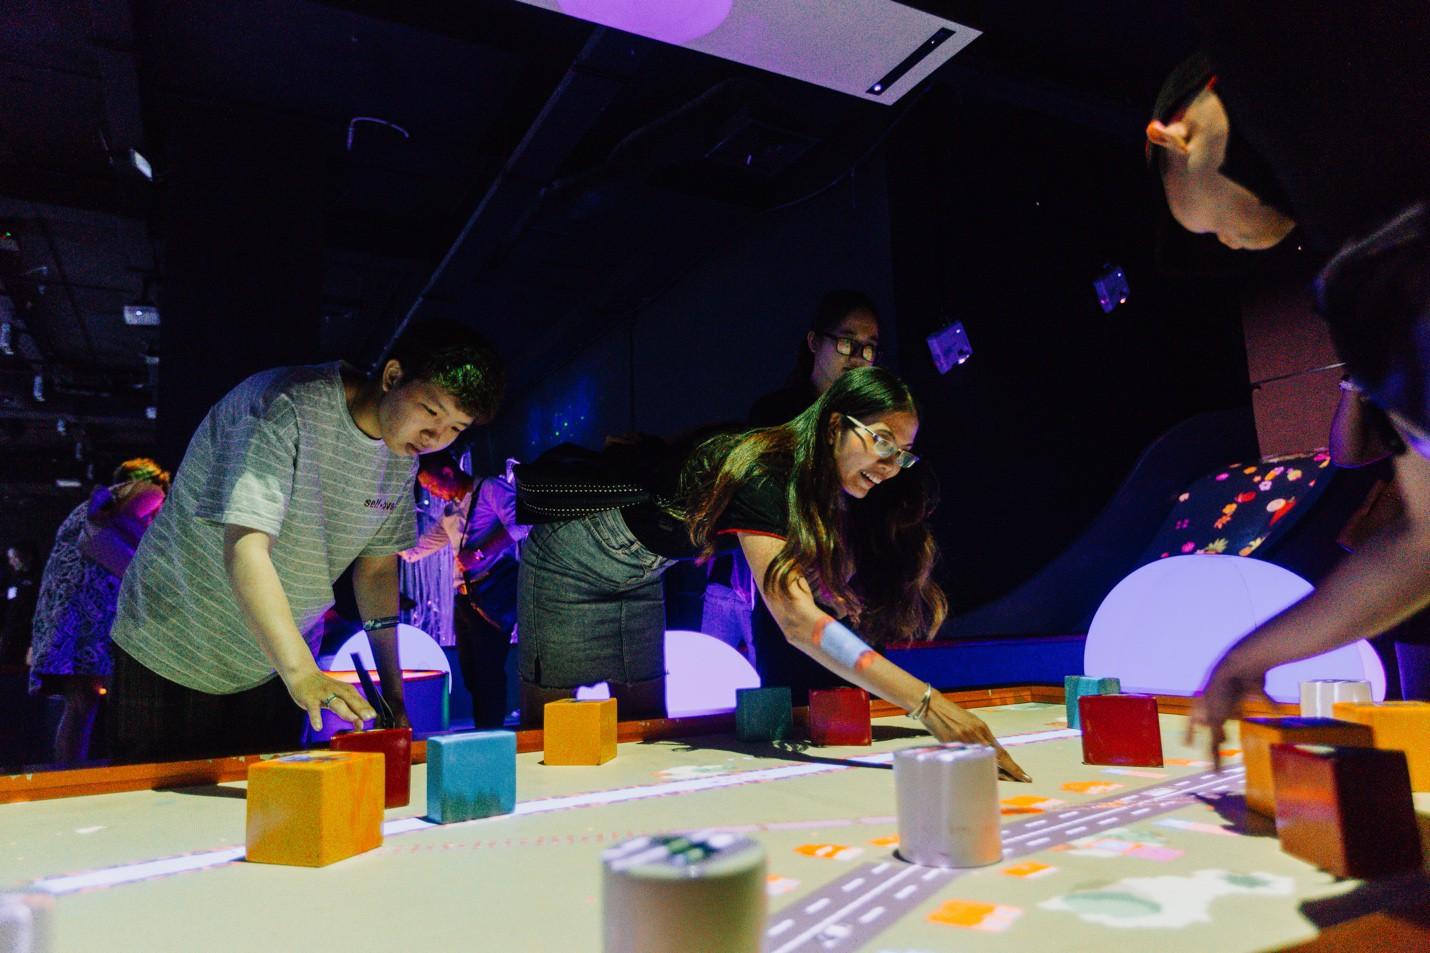 JP World – Mách mẹ điểm giải trí giáo dục kết hợp công nghệ cho trẻ không nên bỏ qua - Ảnh 4.